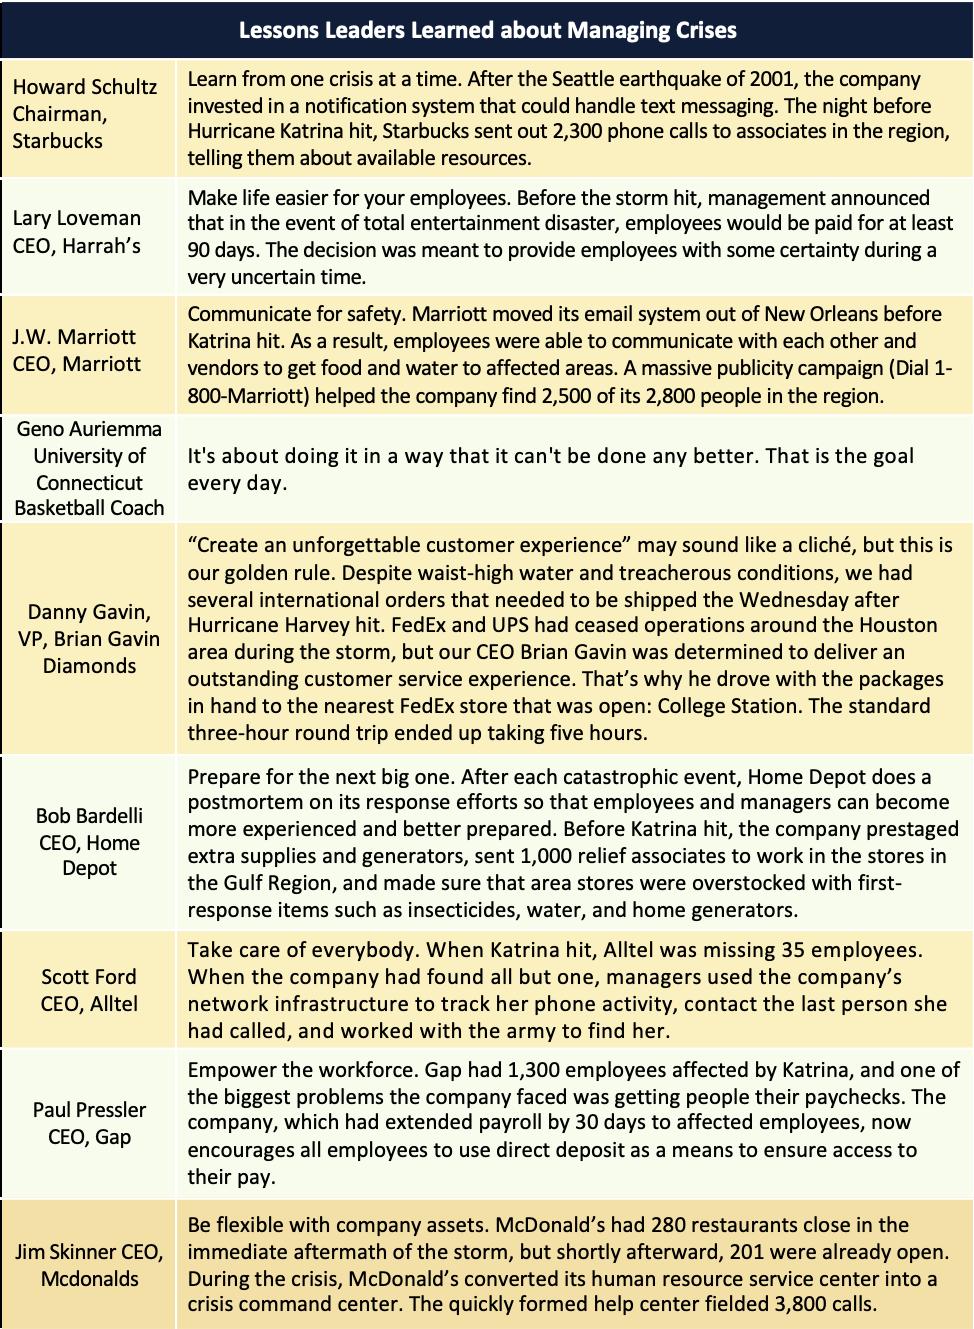 """Tabelul 6.6 Surse: Danny Gavin, """"Lecții de serviciu pentru clienți învățate în urma treptelor uraganului Harvey"""", Forbes, 26 septembrie 2017;  Jay Steinfeld, """"5 lecții învățate de la uraganul Harvey"""", Inc., 21 septembrie 2017;  Susan Burns și David Hackett, """"Lecții de afaceri de la uraganul Irma"""", 941CEO, noiembrie-decembrie 2017;  """"Lecții noi de învățat"""", Fortune, 3 octombrie 2005, pp. 87-88;  AZQuotes, accesat la 25 februarie 2018, http://www.azquotes.com/quote/863856."""